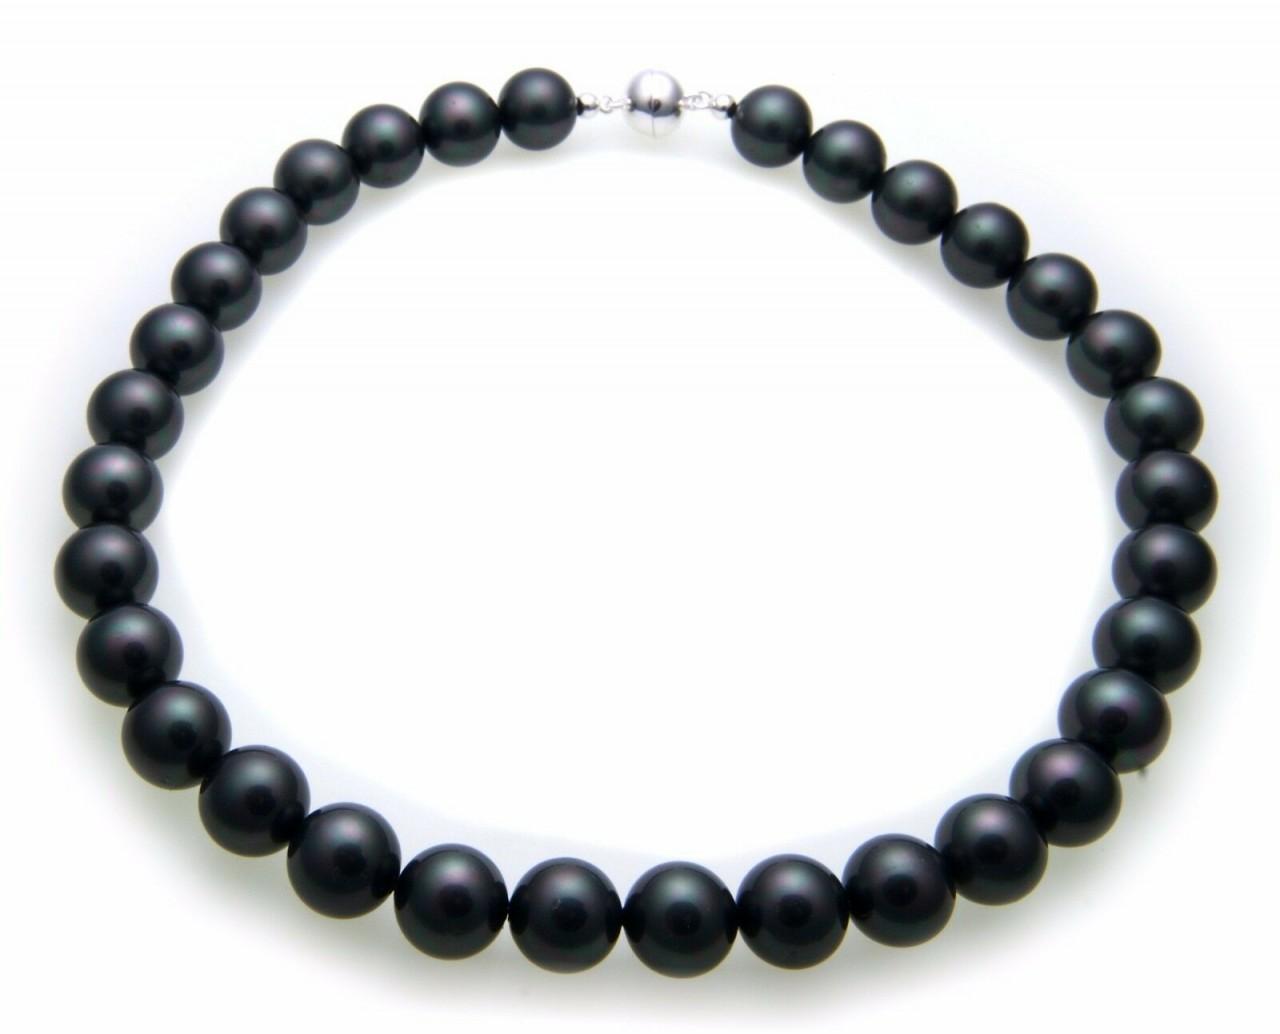 Neu Collier Muschelkernperlen grau 12,5 mm Perlenkette Halskette Perlen anthraz